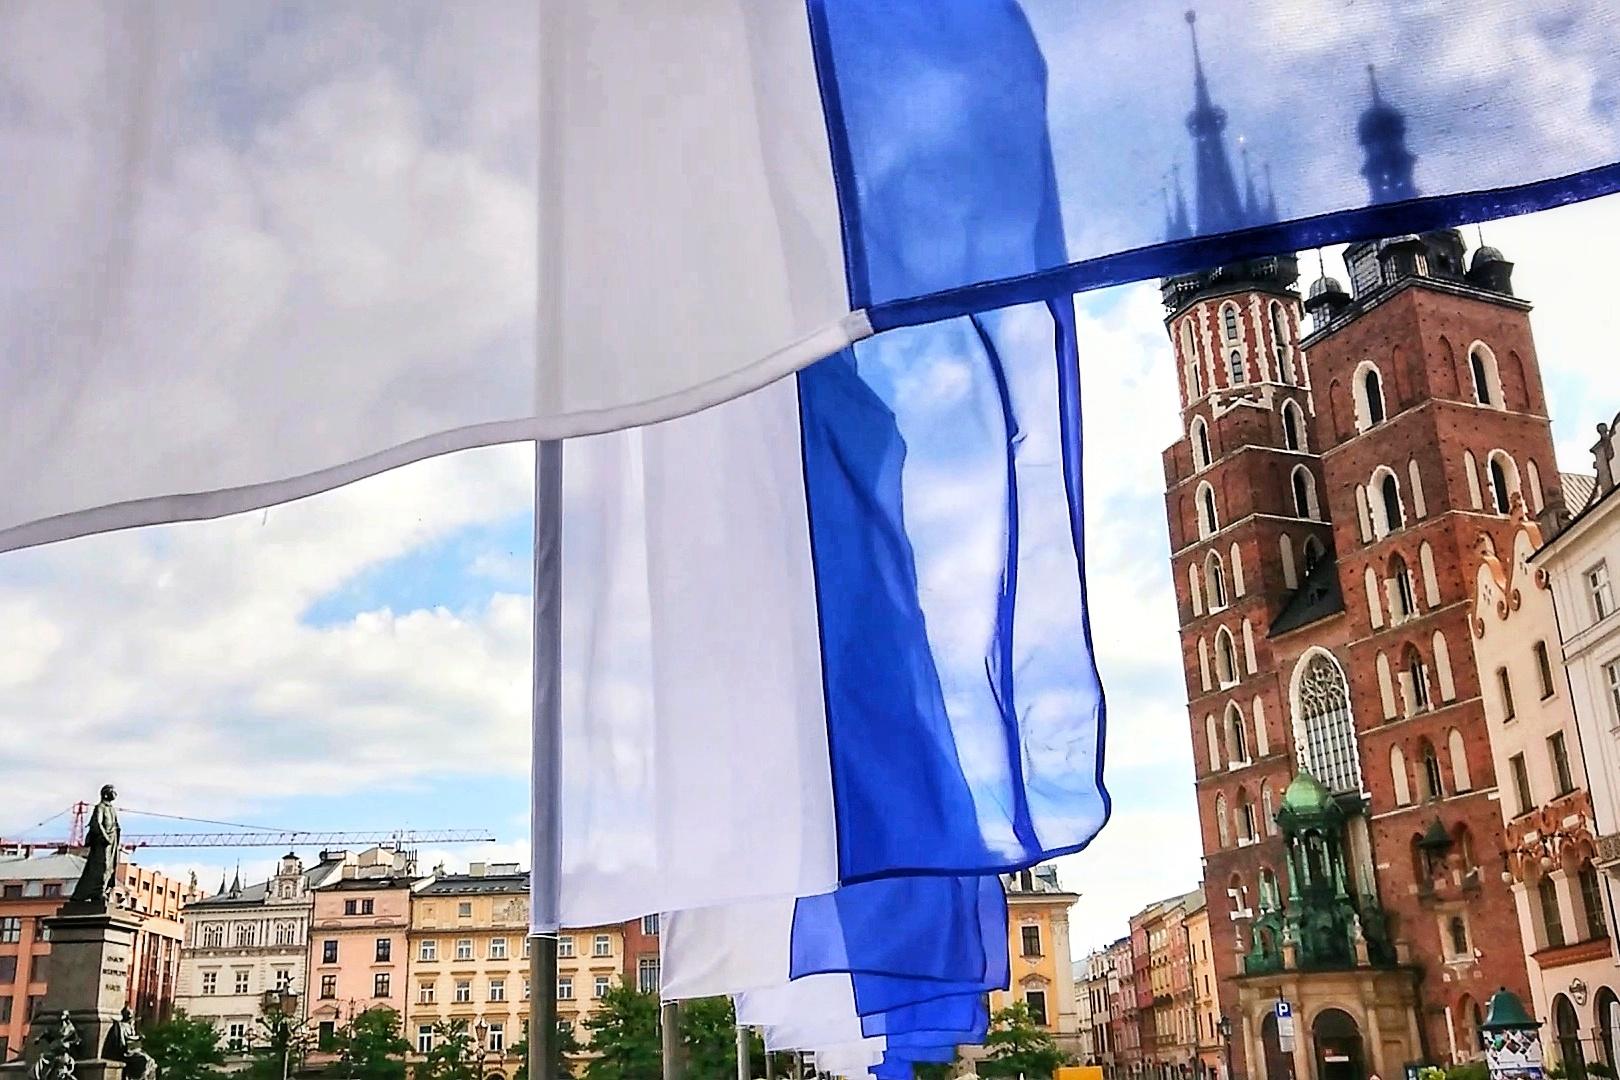 Flagi podobne do tych z obrazu ozdabiające Rynek Główny z okazji Dni Miasta Krakowa, źródło: archiwum autorki